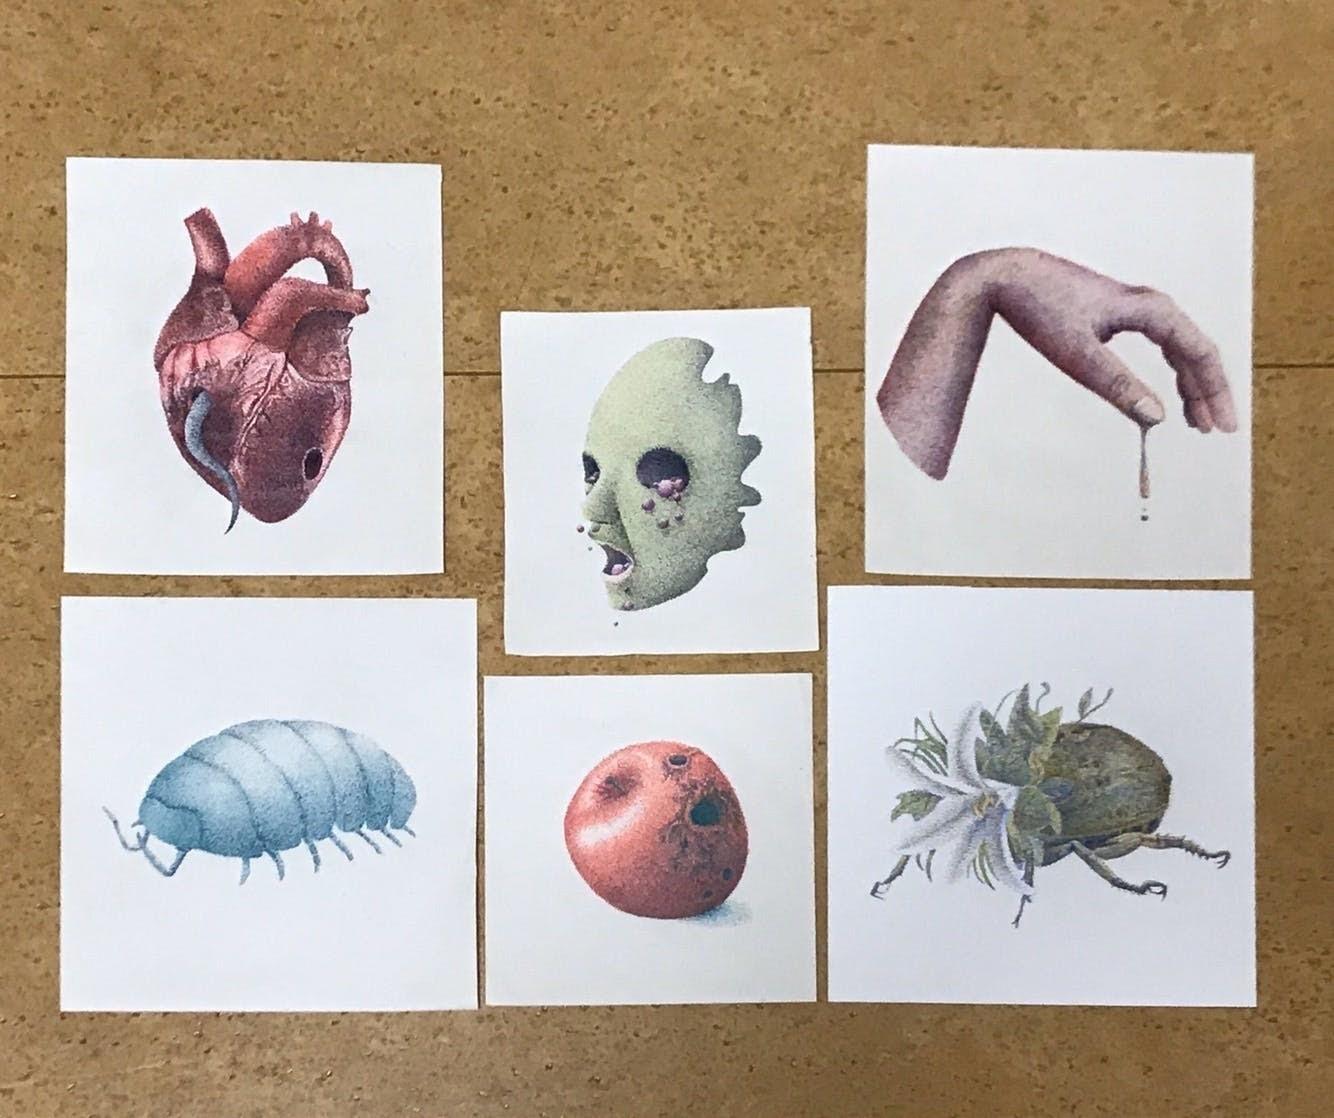 点だけで描く『点描画』で、展示会への出展を目指す17才の挑戦!